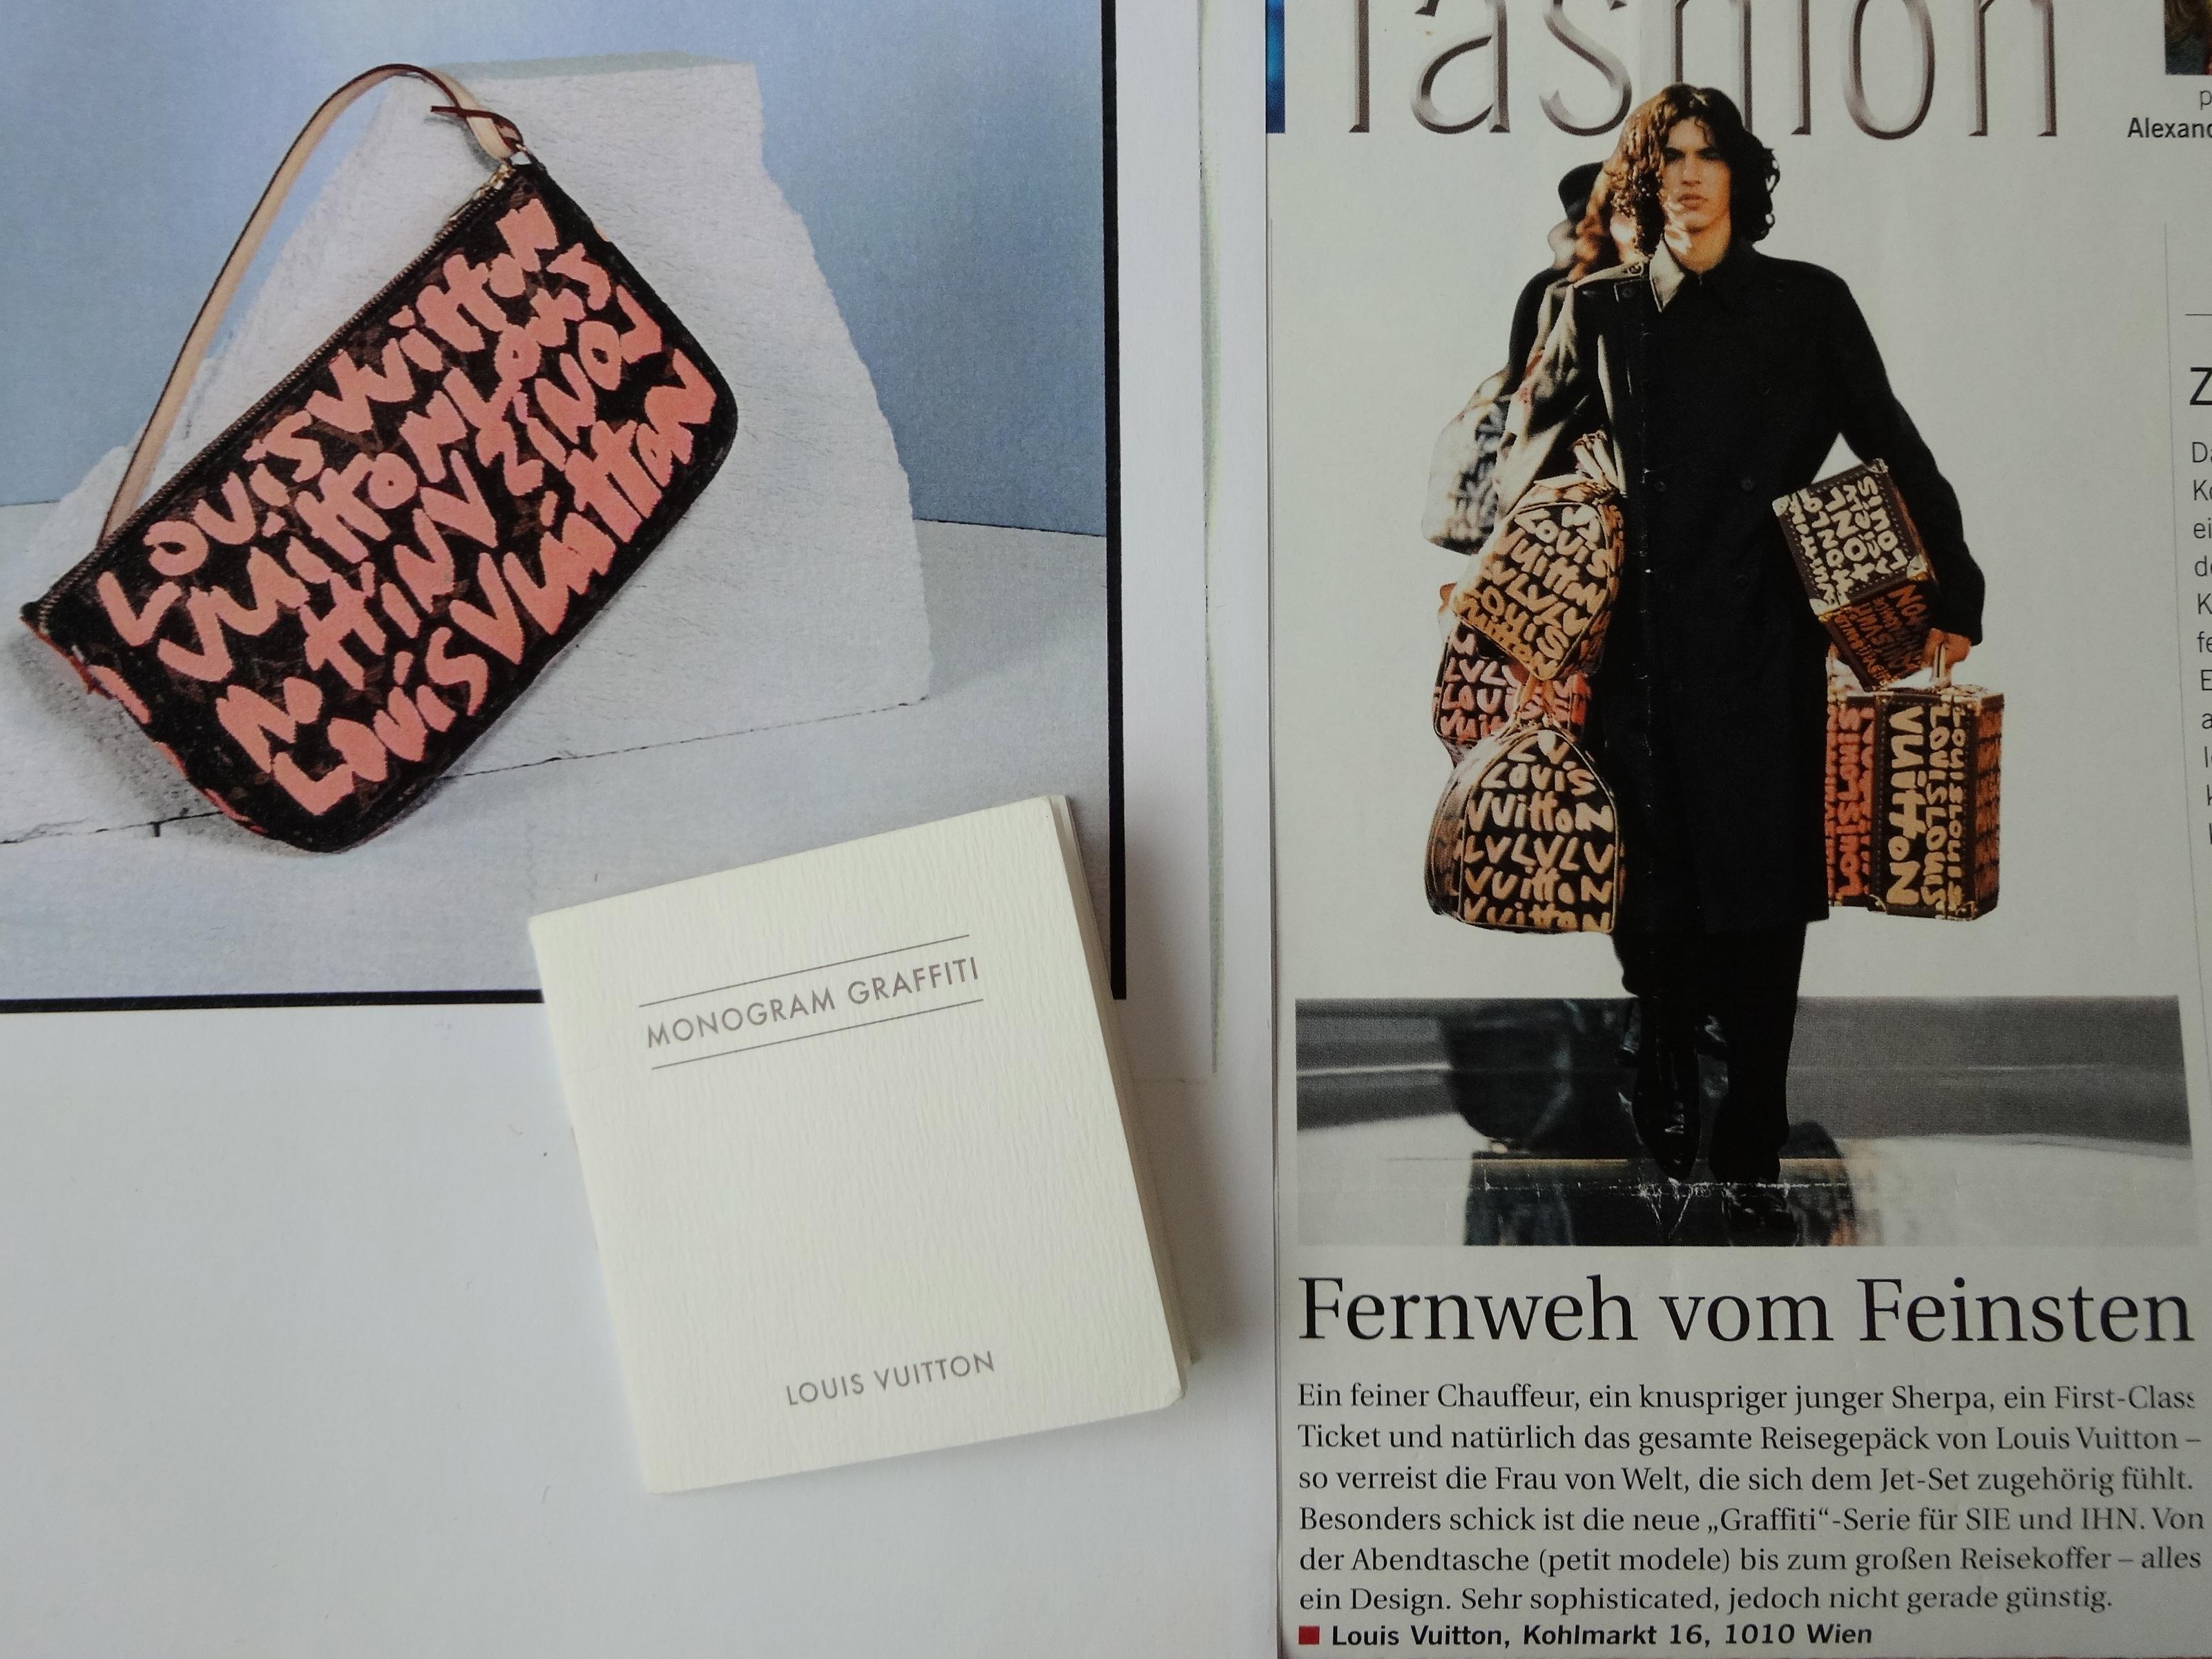 Louis Vuitton Stephen Sprouse peach Graffiti bags